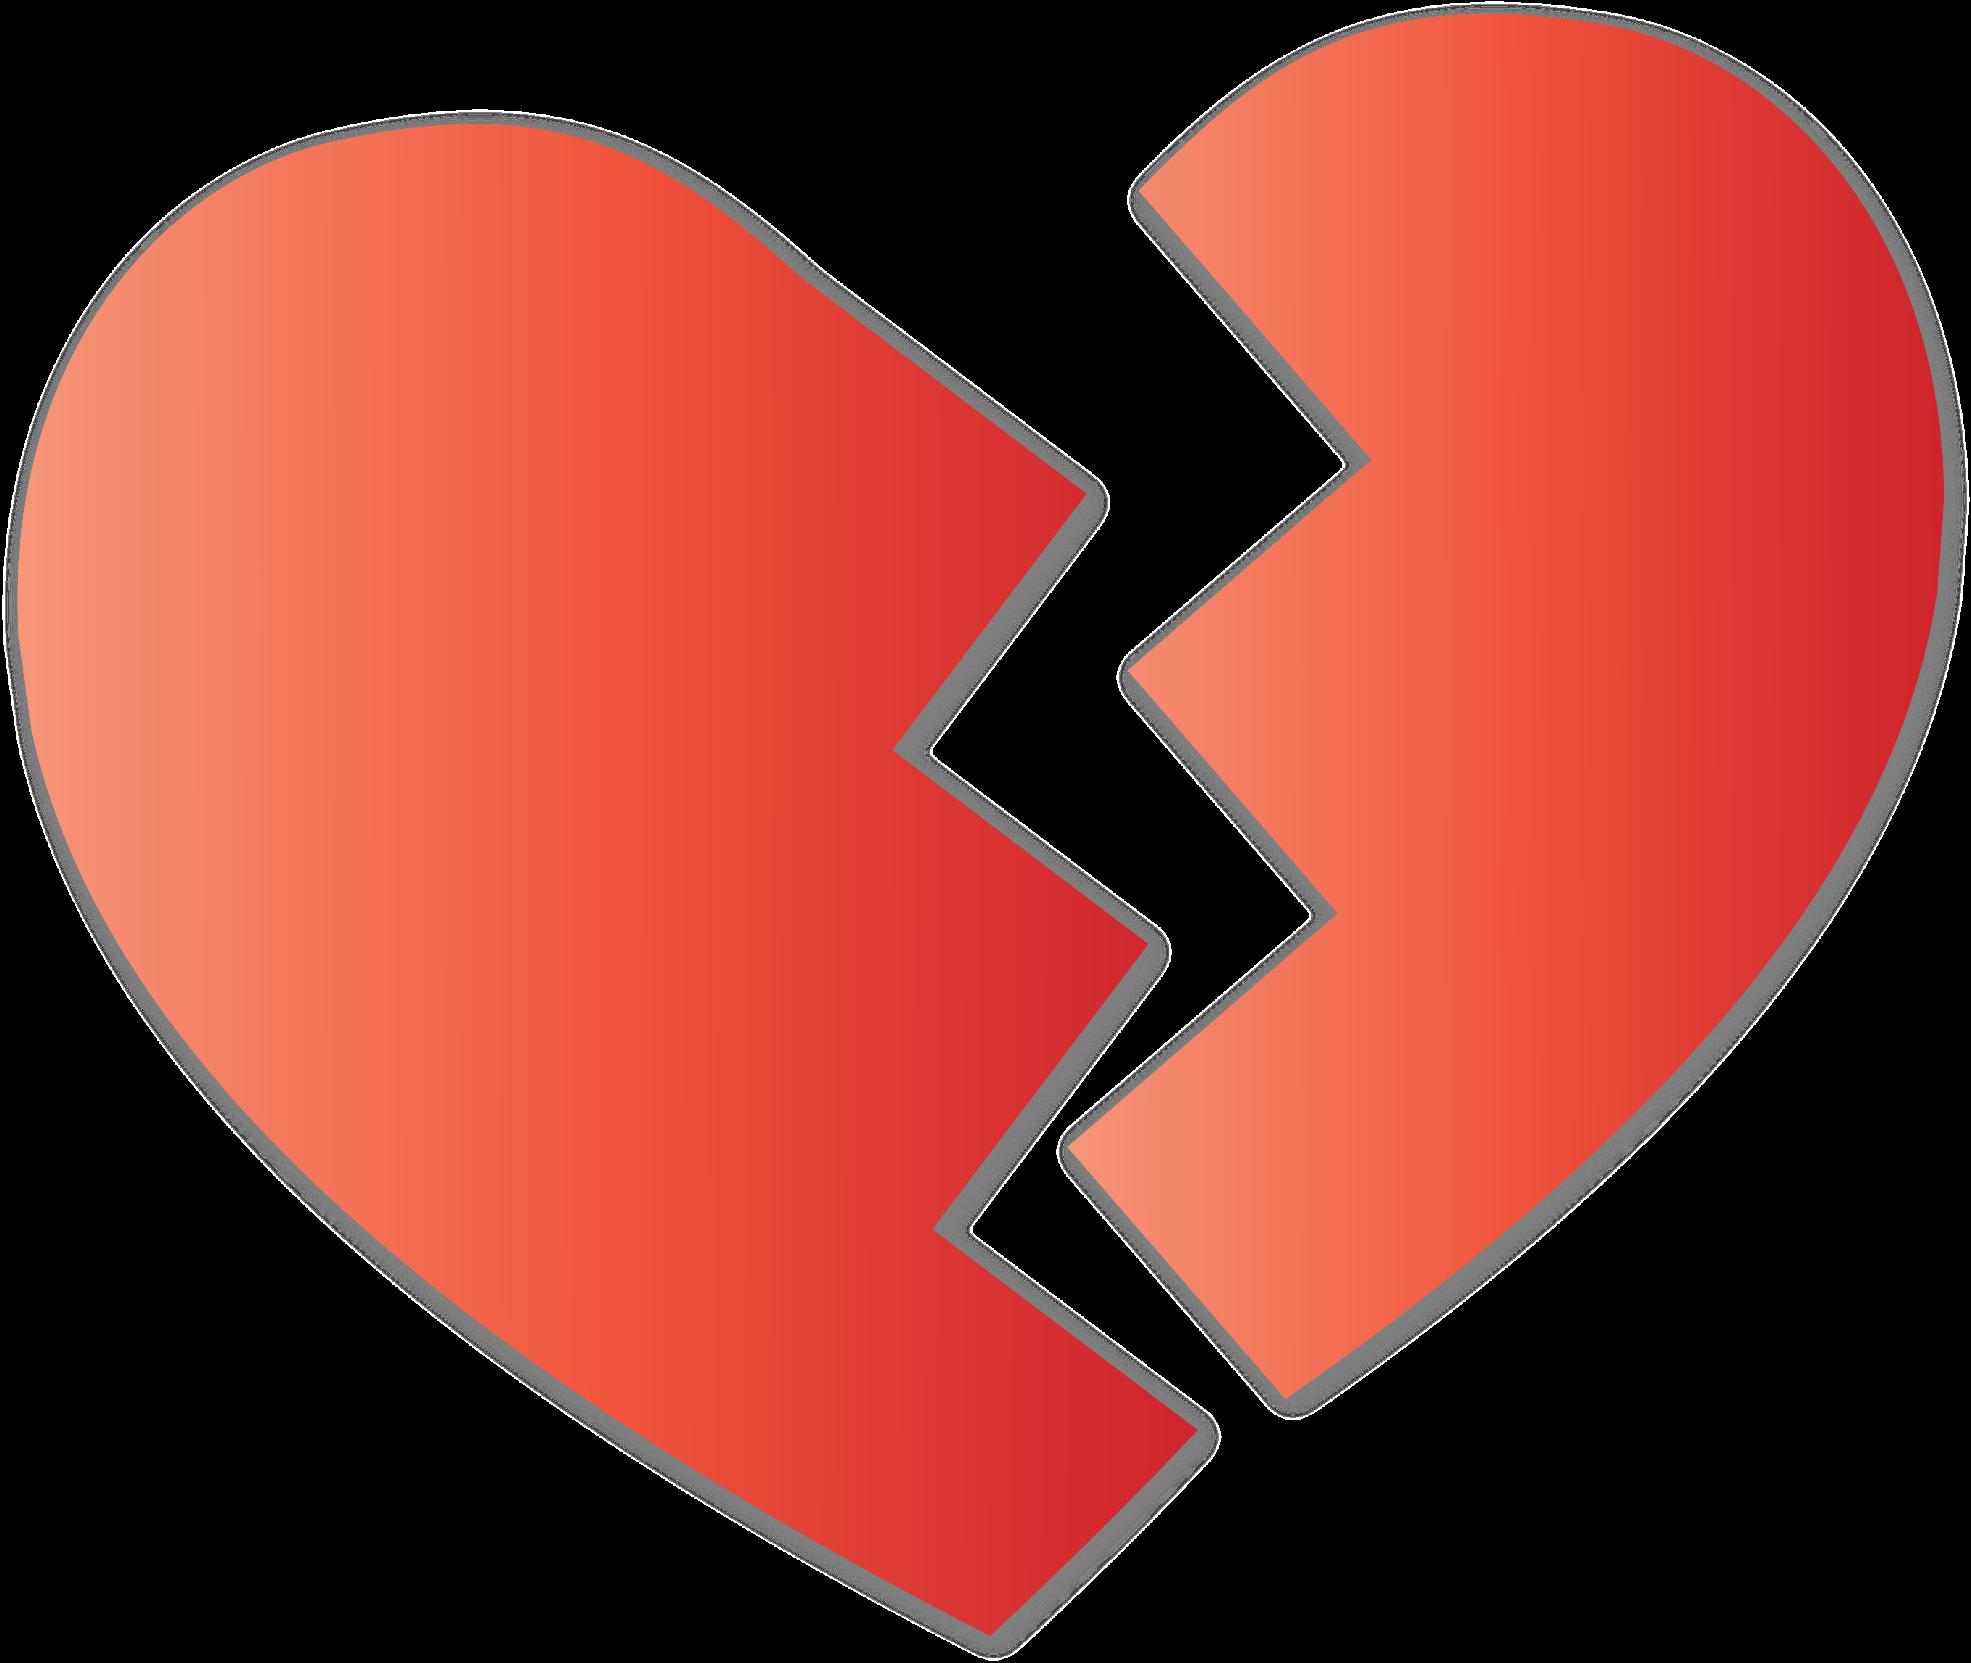 Broken Heart PNG Images Transparent Free Download.